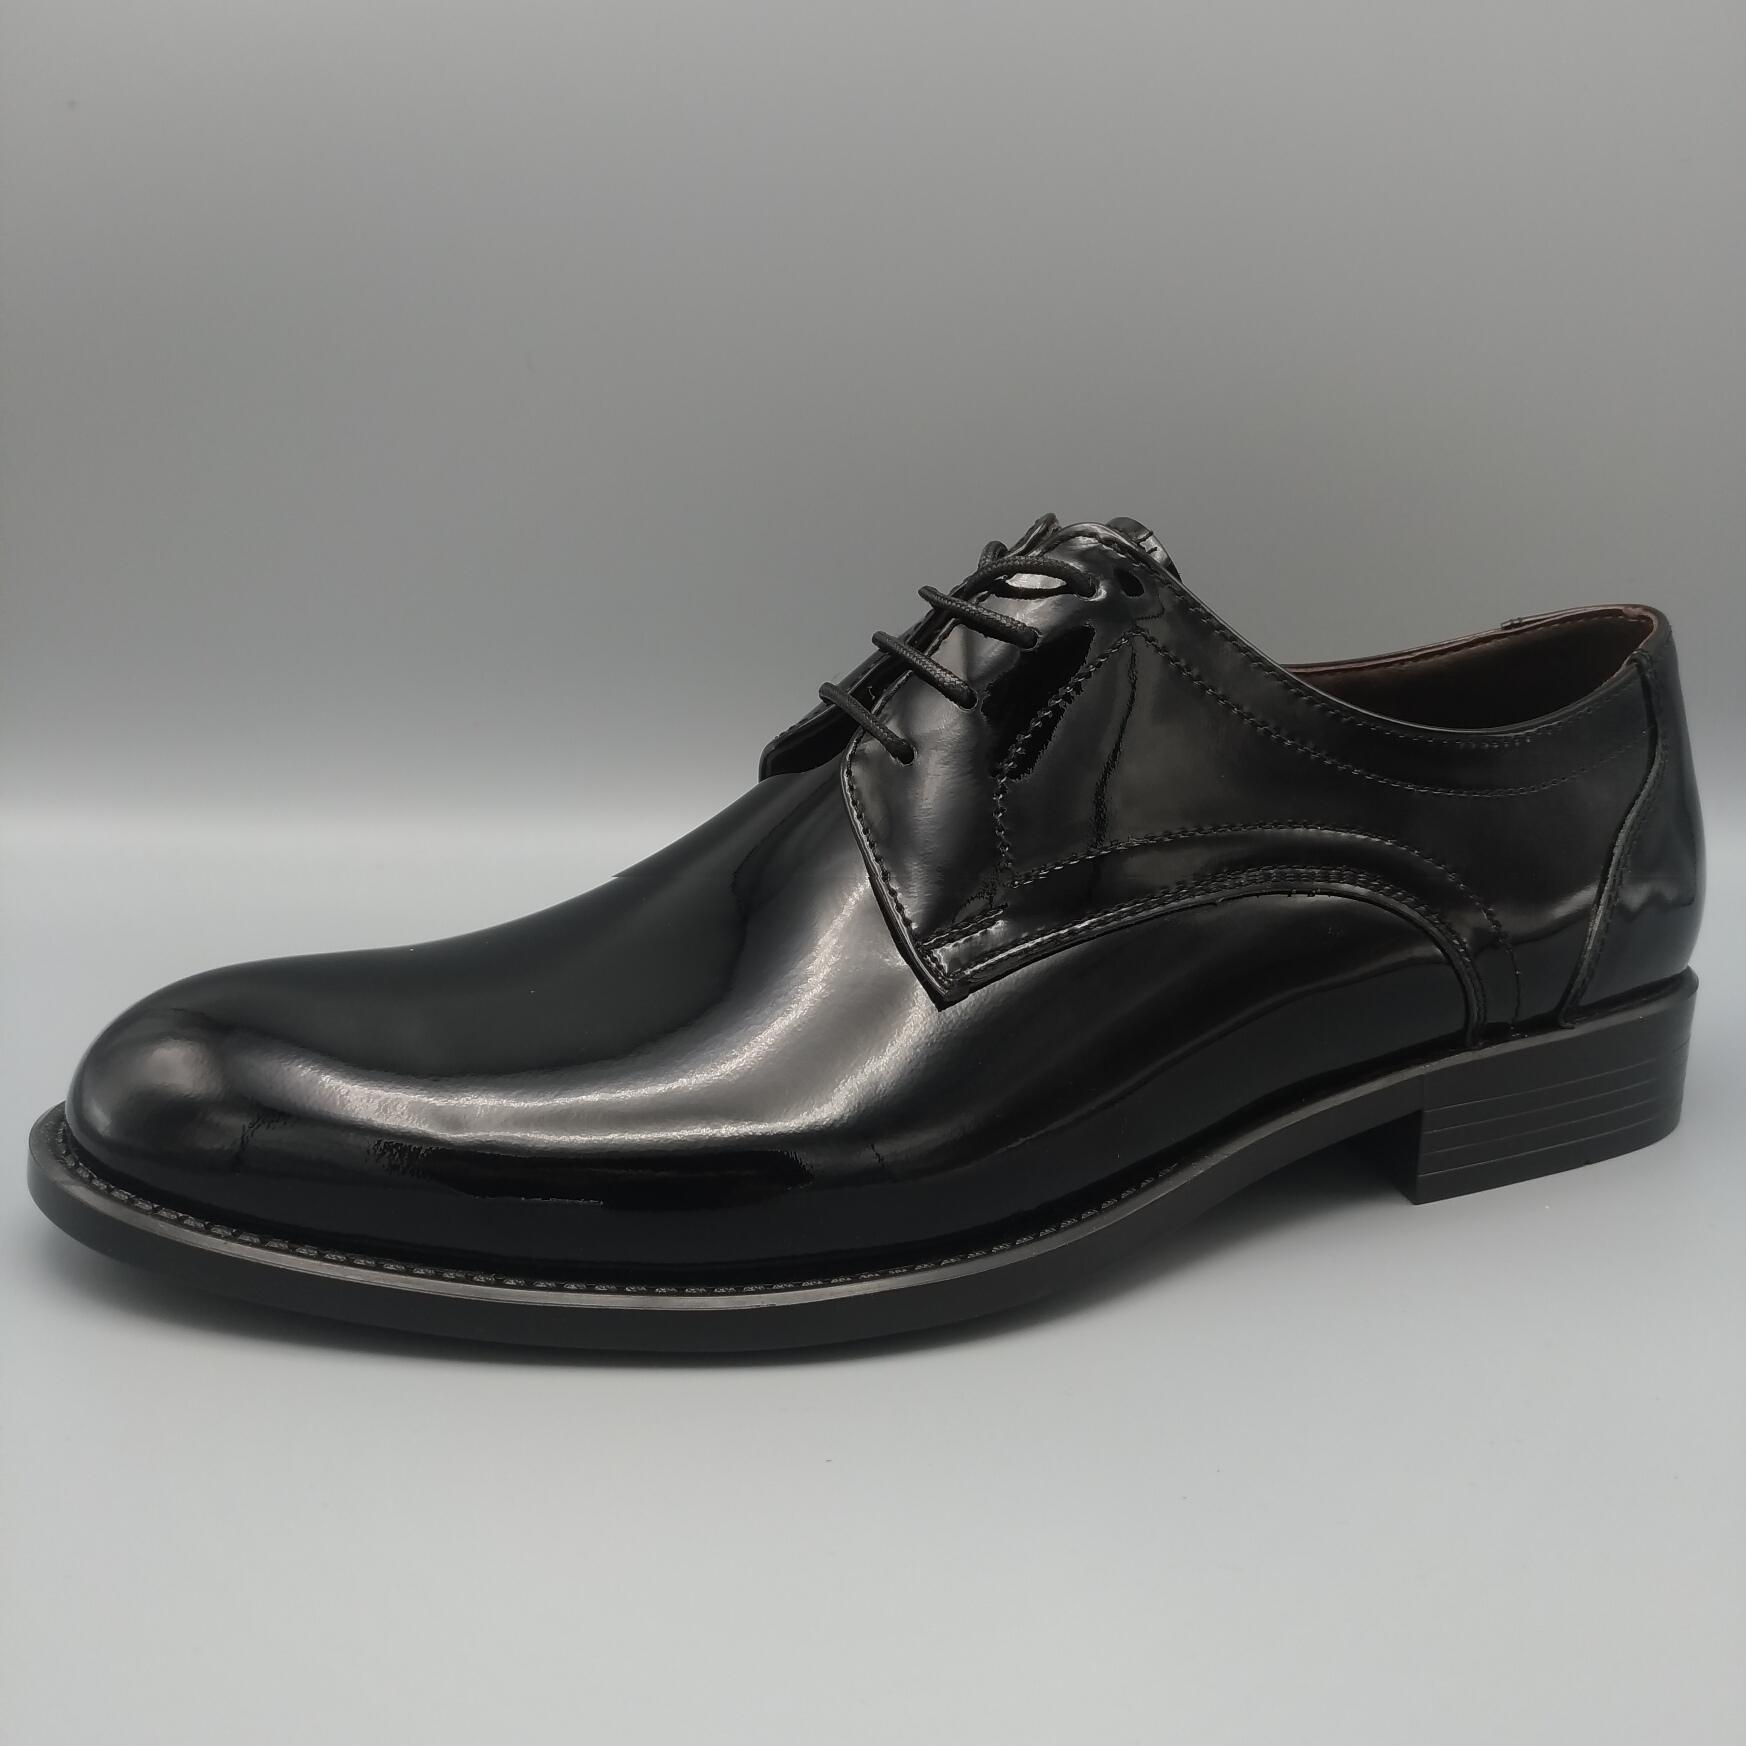 کفش مردانه مدل CLARS -  - 4